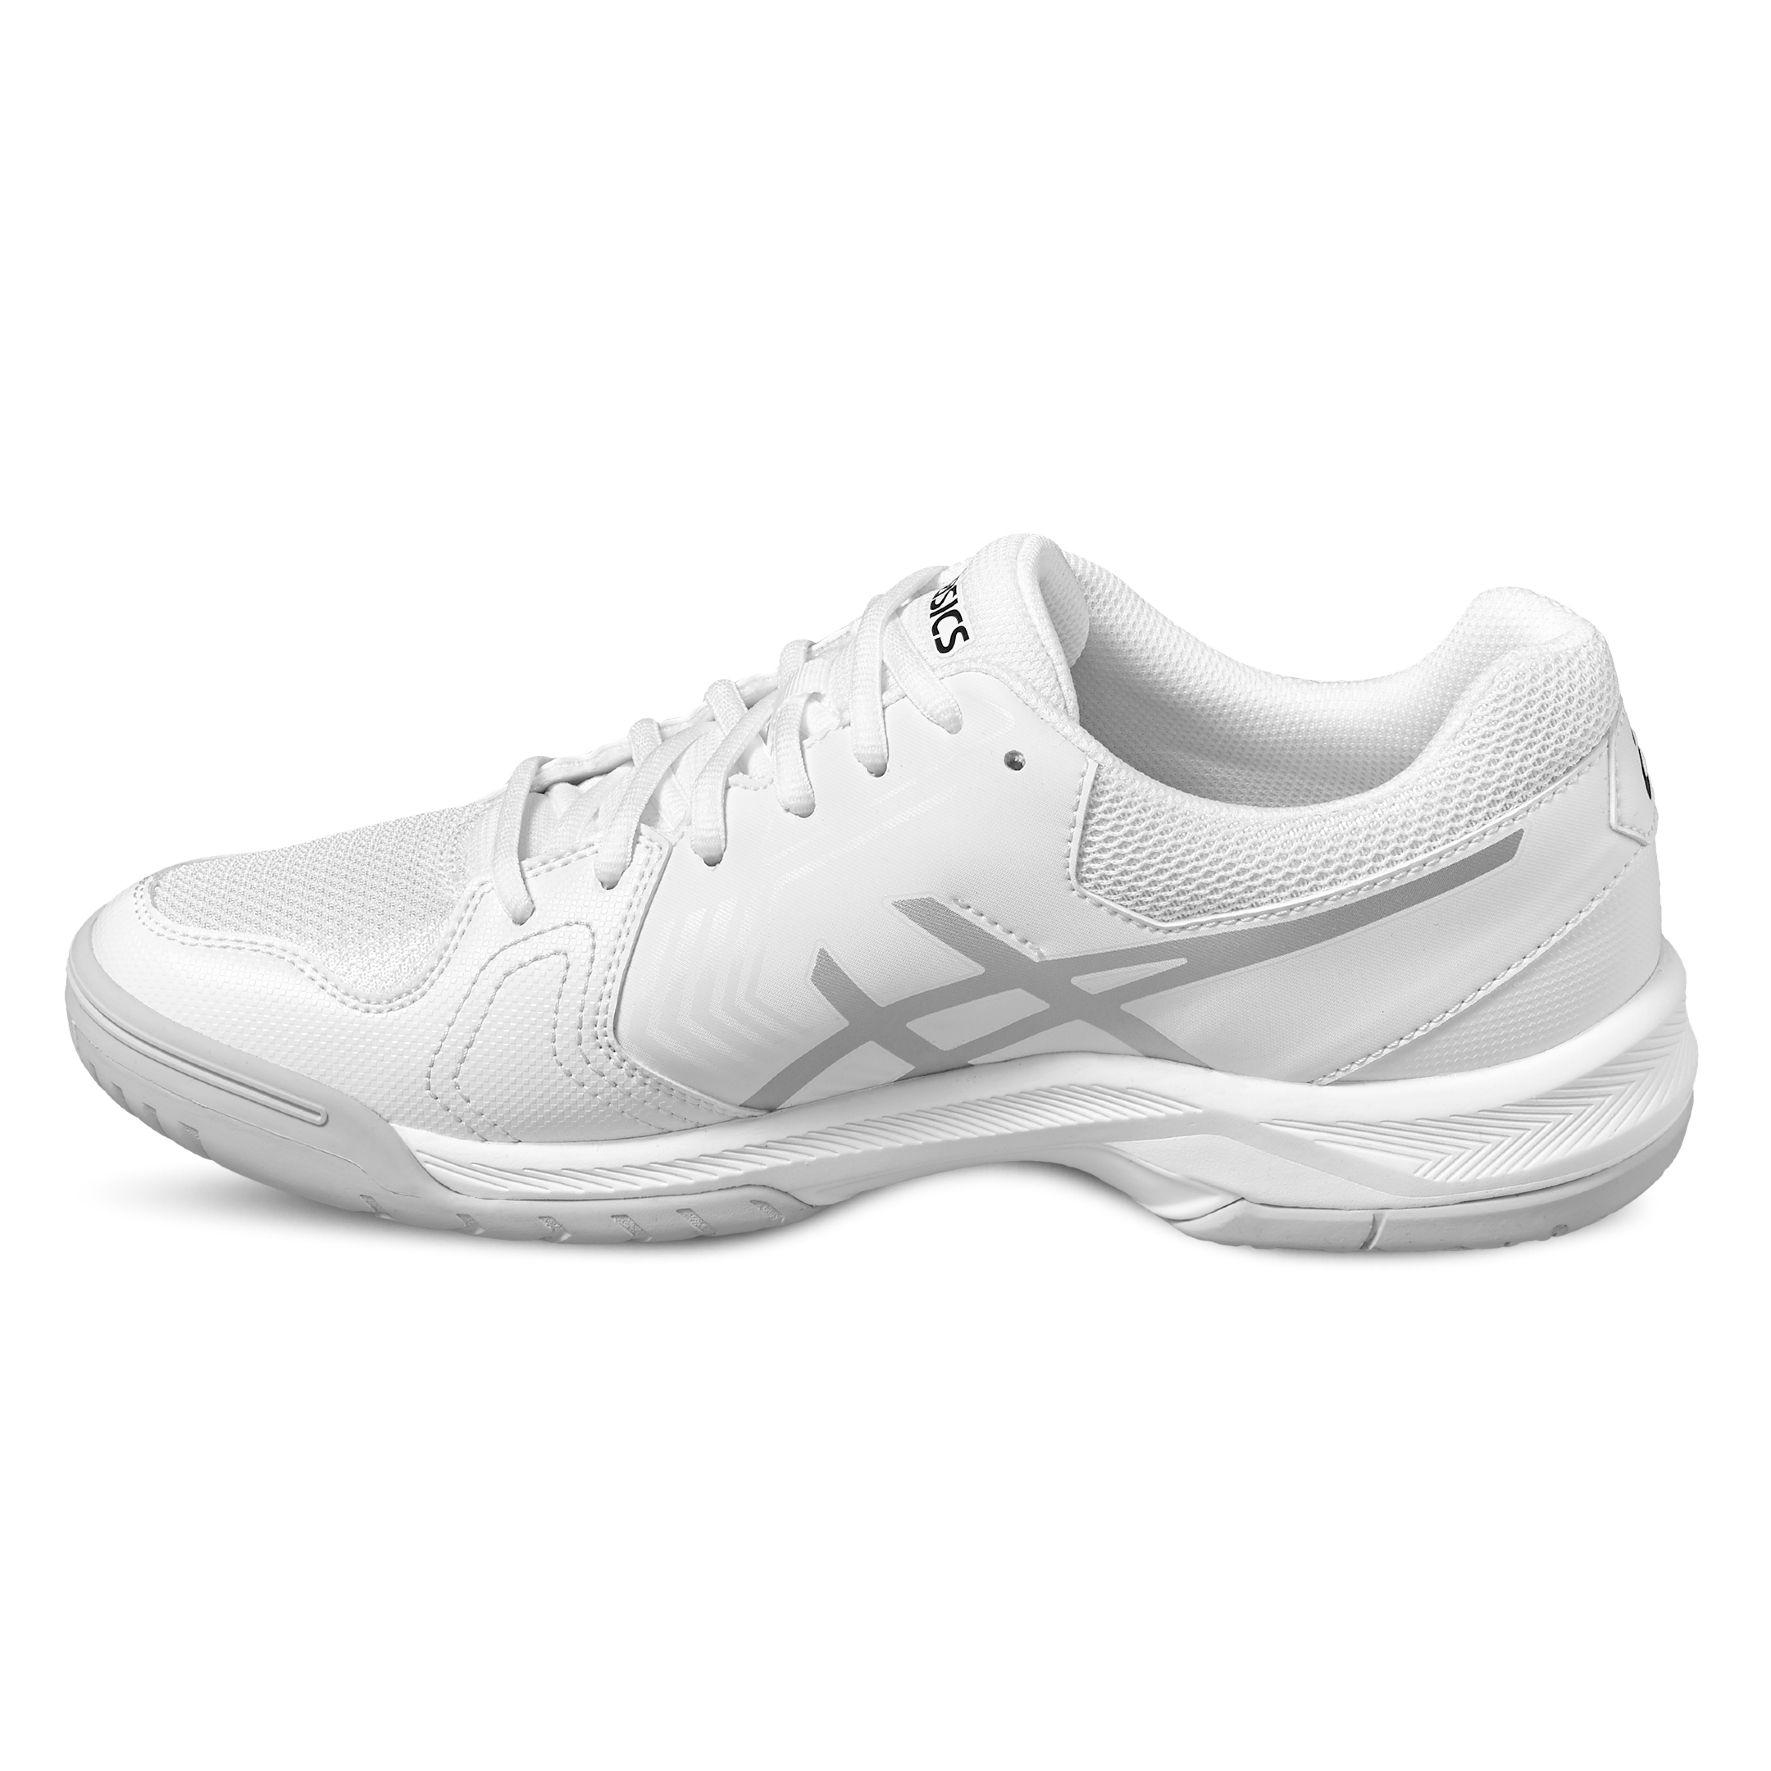 Asics Gel Dedicate  Mens Tennis Shoe